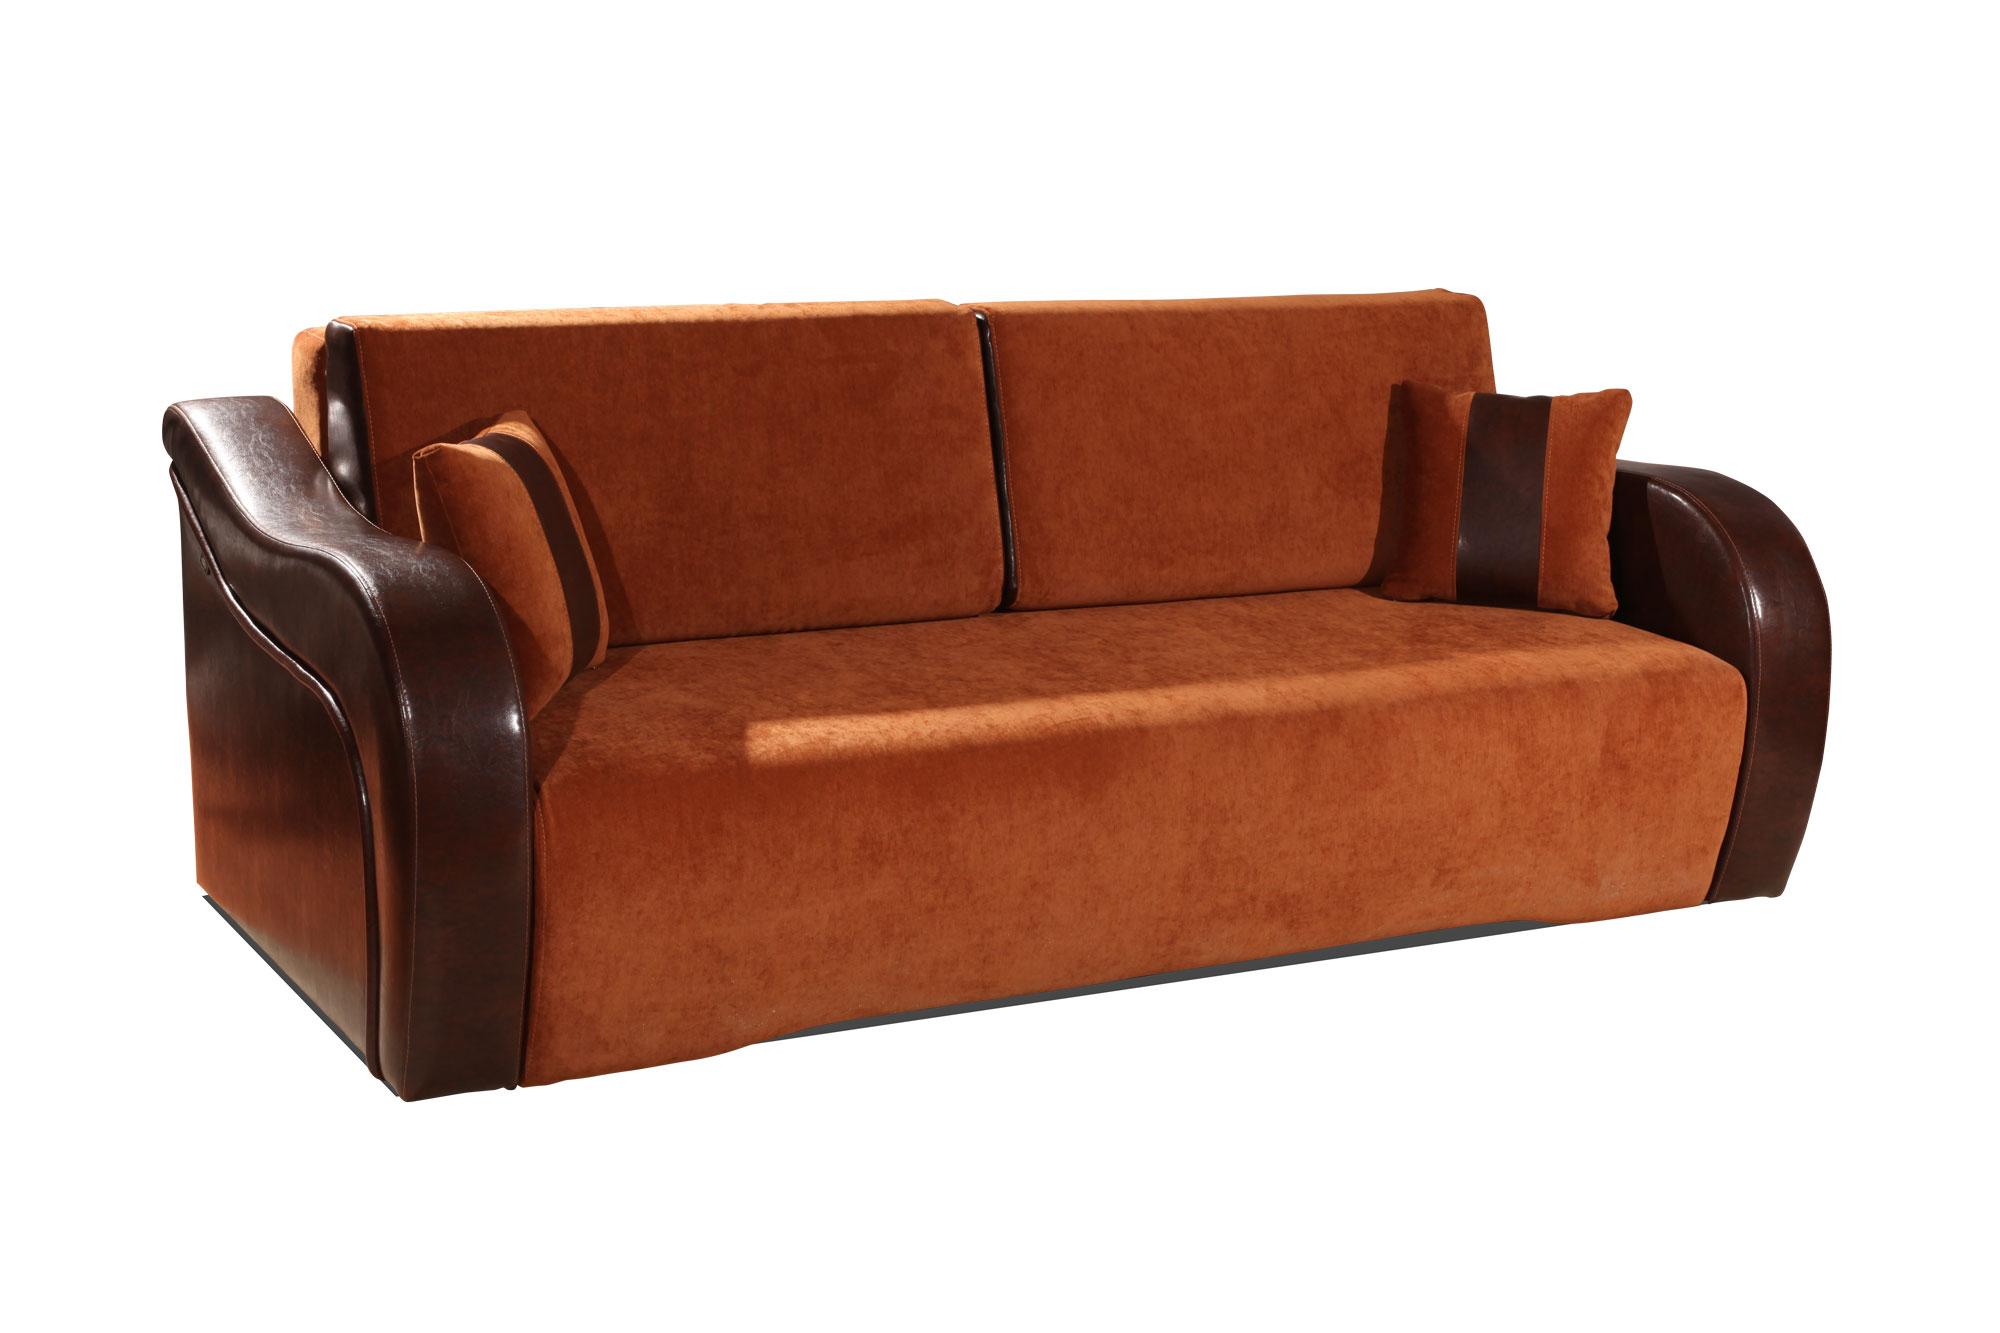 Коричневый диван с обивкой из ткани и кожи